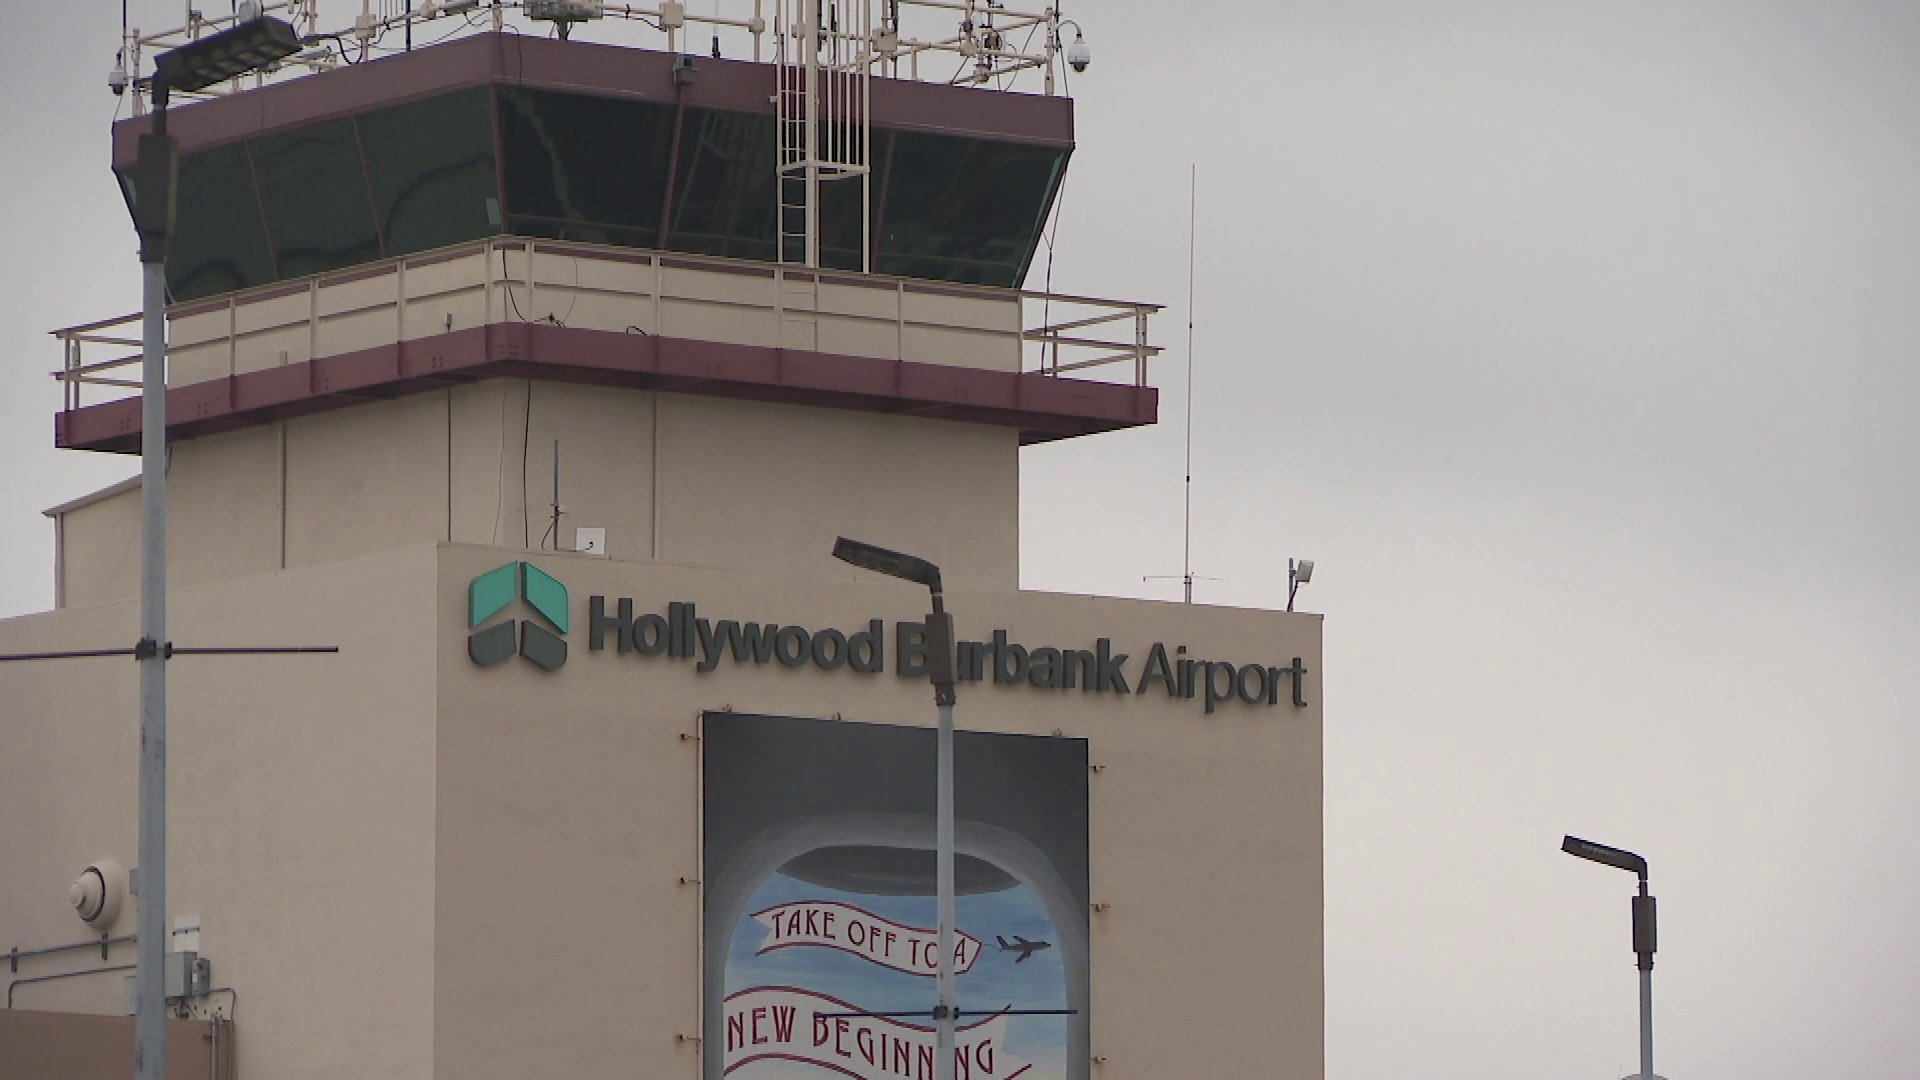 Hollywood Burbank Airport is seen on June 17, 2019. (Credit: KTLA)